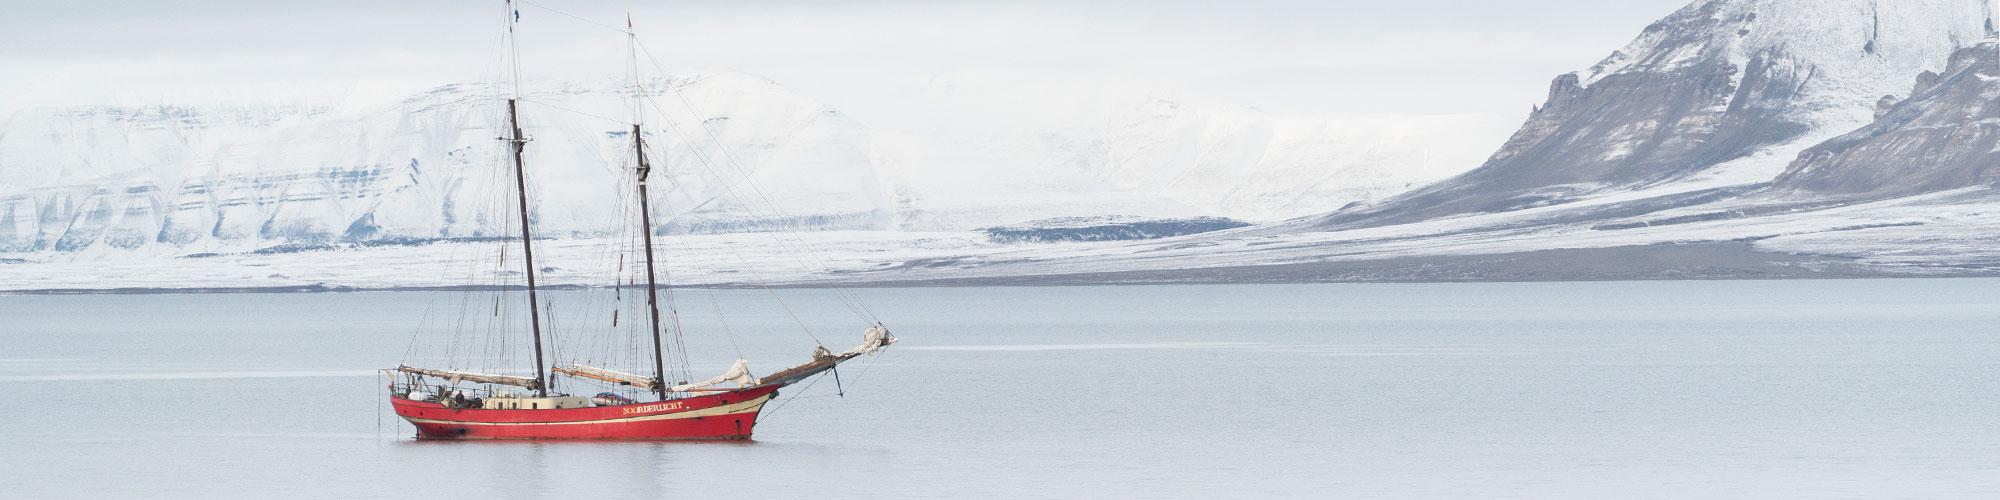 Fotoreis Noord-Spitsbergen - ©Jan Vermeer